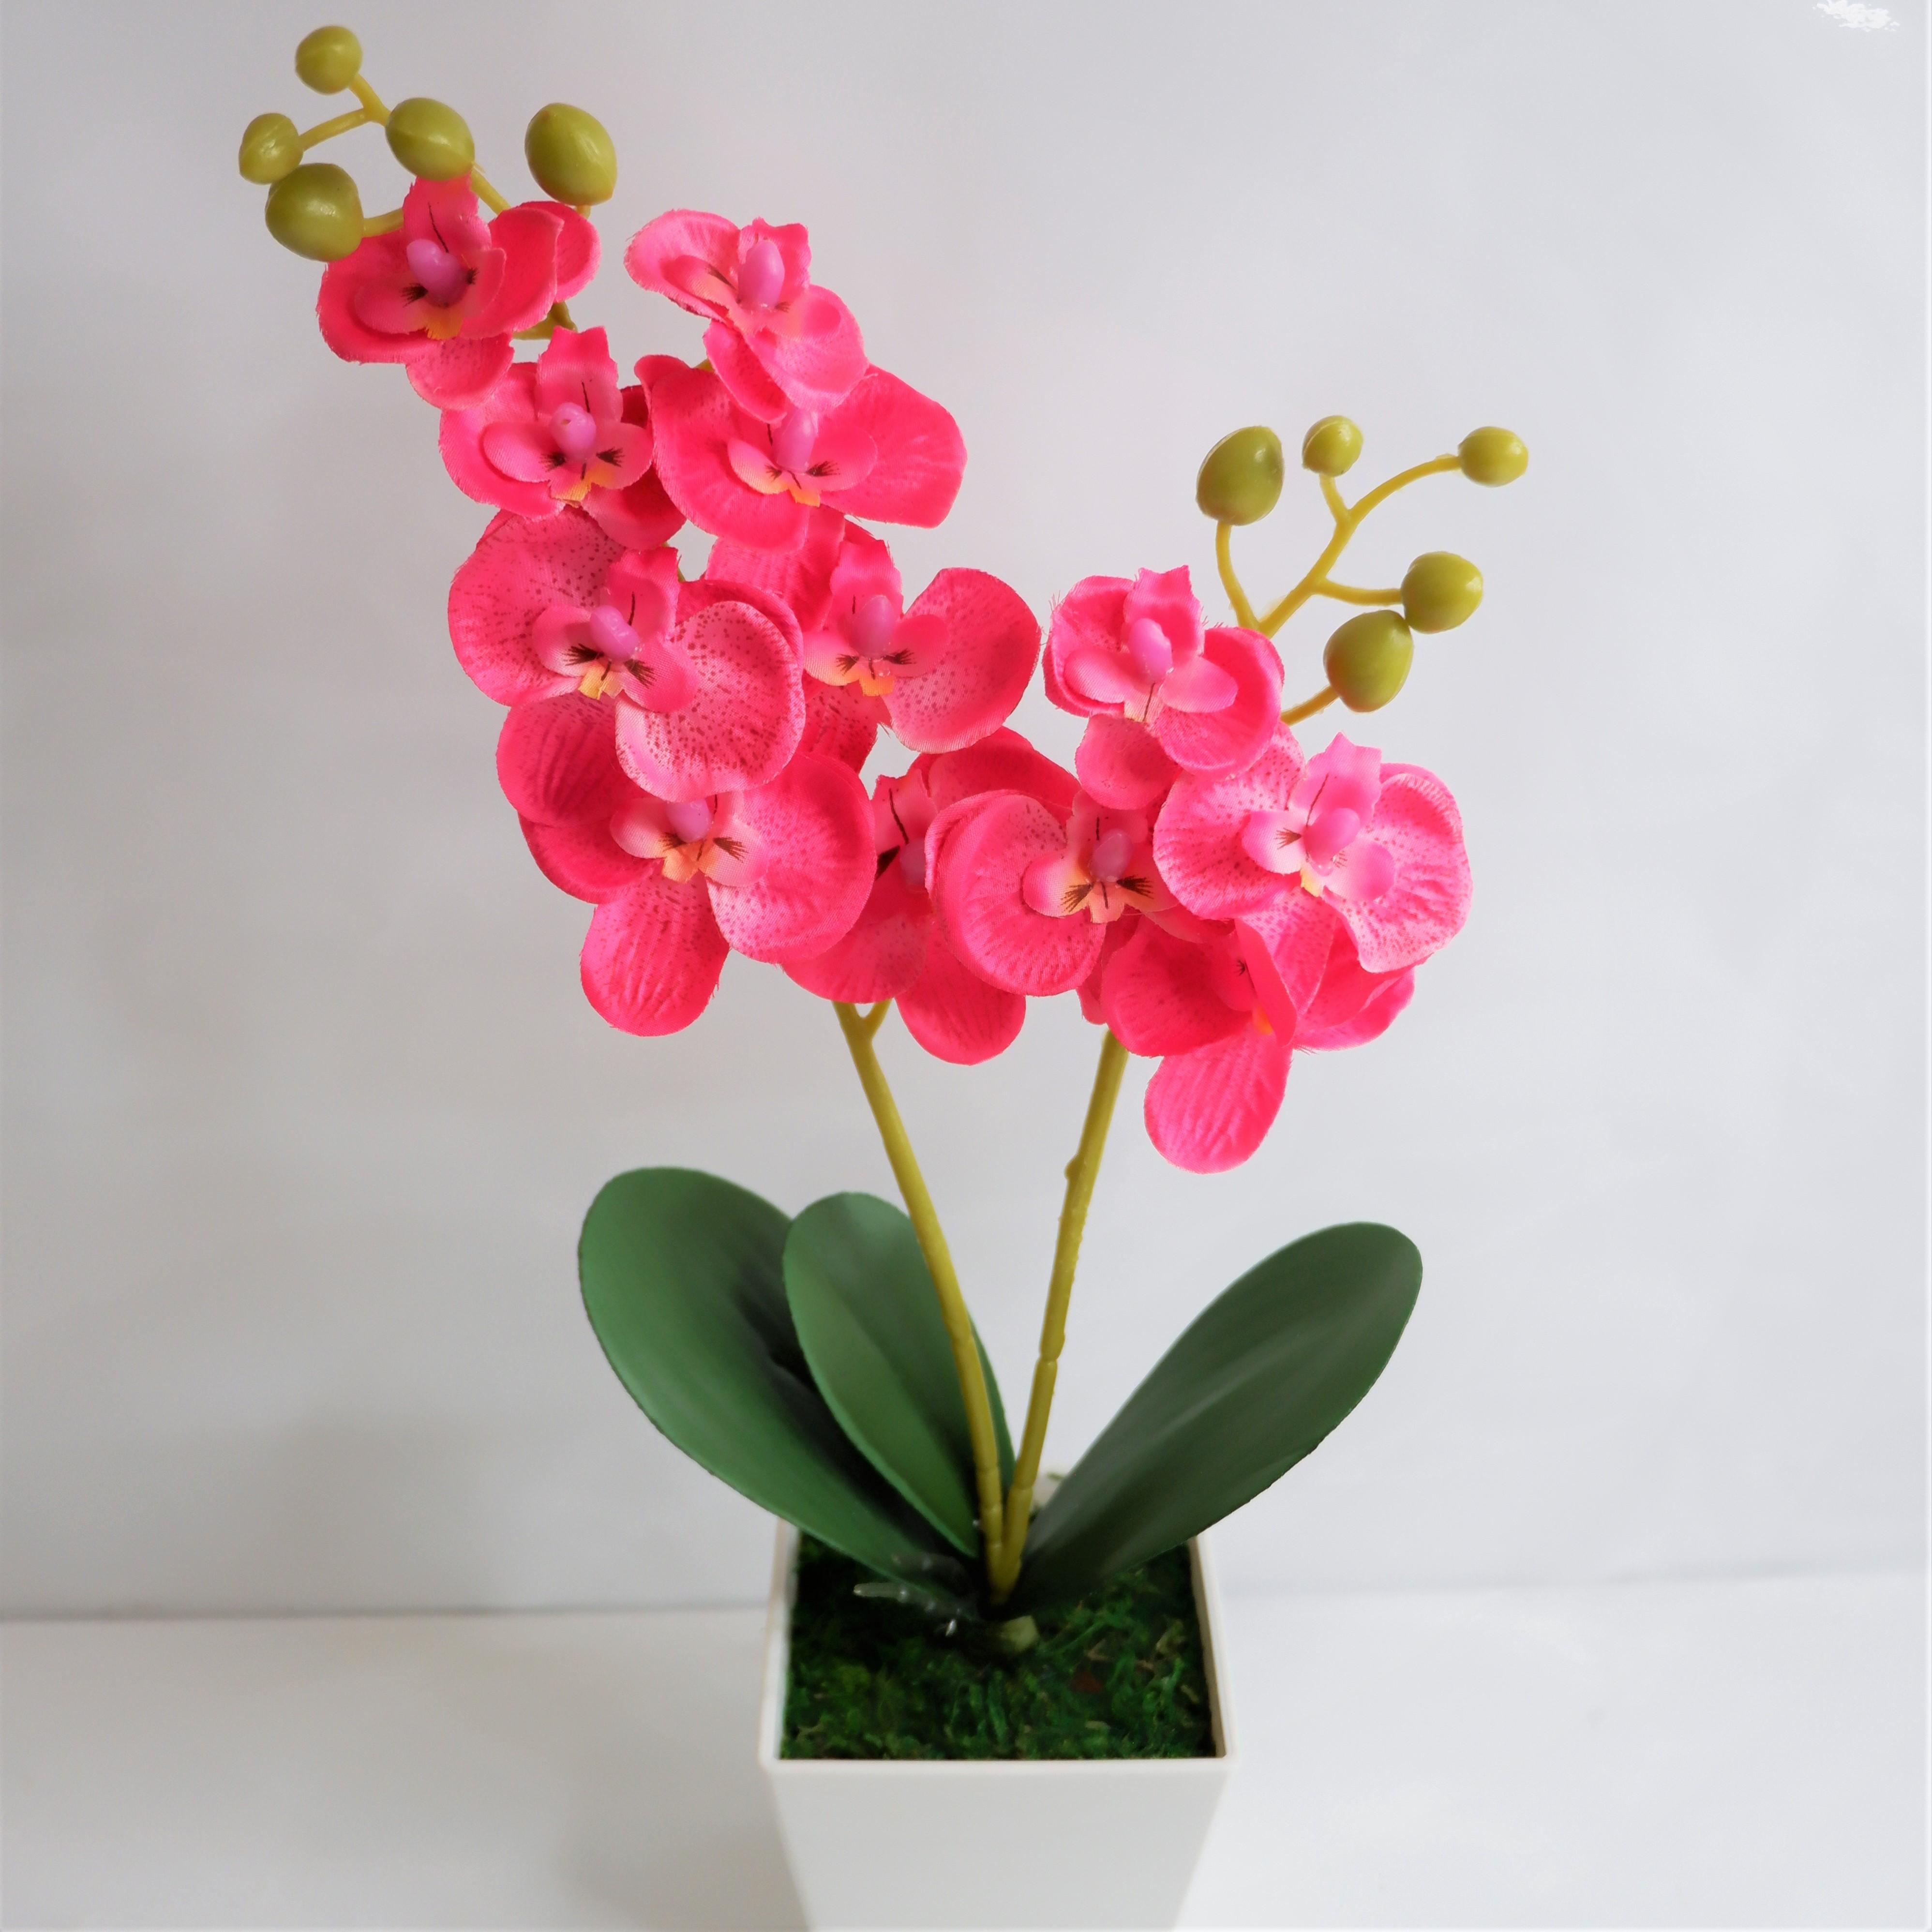 Bunga Flower Store Buket Bunga Anggrek Putih A 098 Termasuk Vas Pajangan Bunga Bunga Plastik Bunga Hias Bunga Artifisial Tanaman Hias Souvenir Bunga Dekorasi Rumah Lazada Indonesia